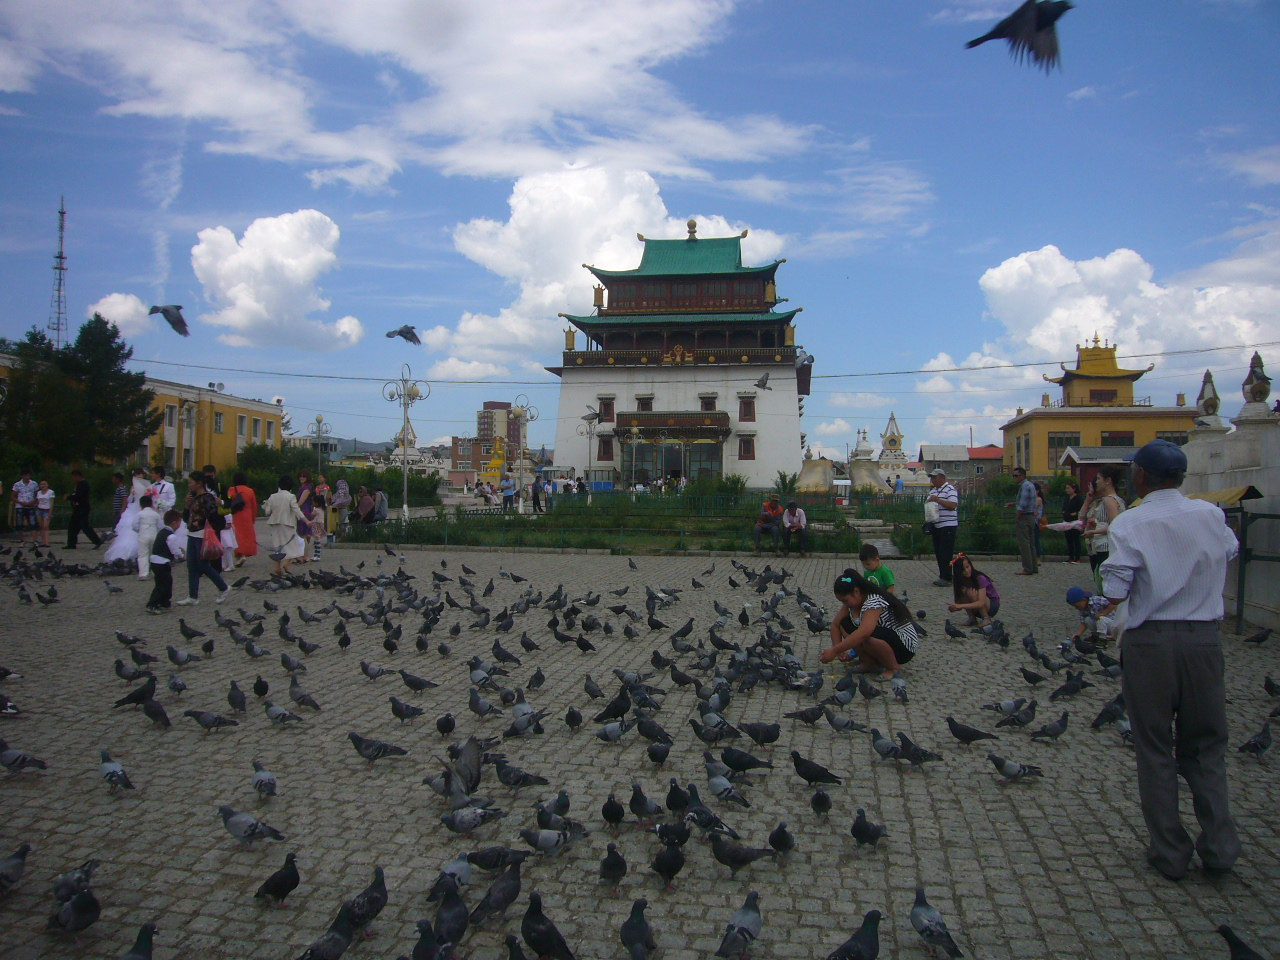 モンゴル大寺院ハトH25.6.20